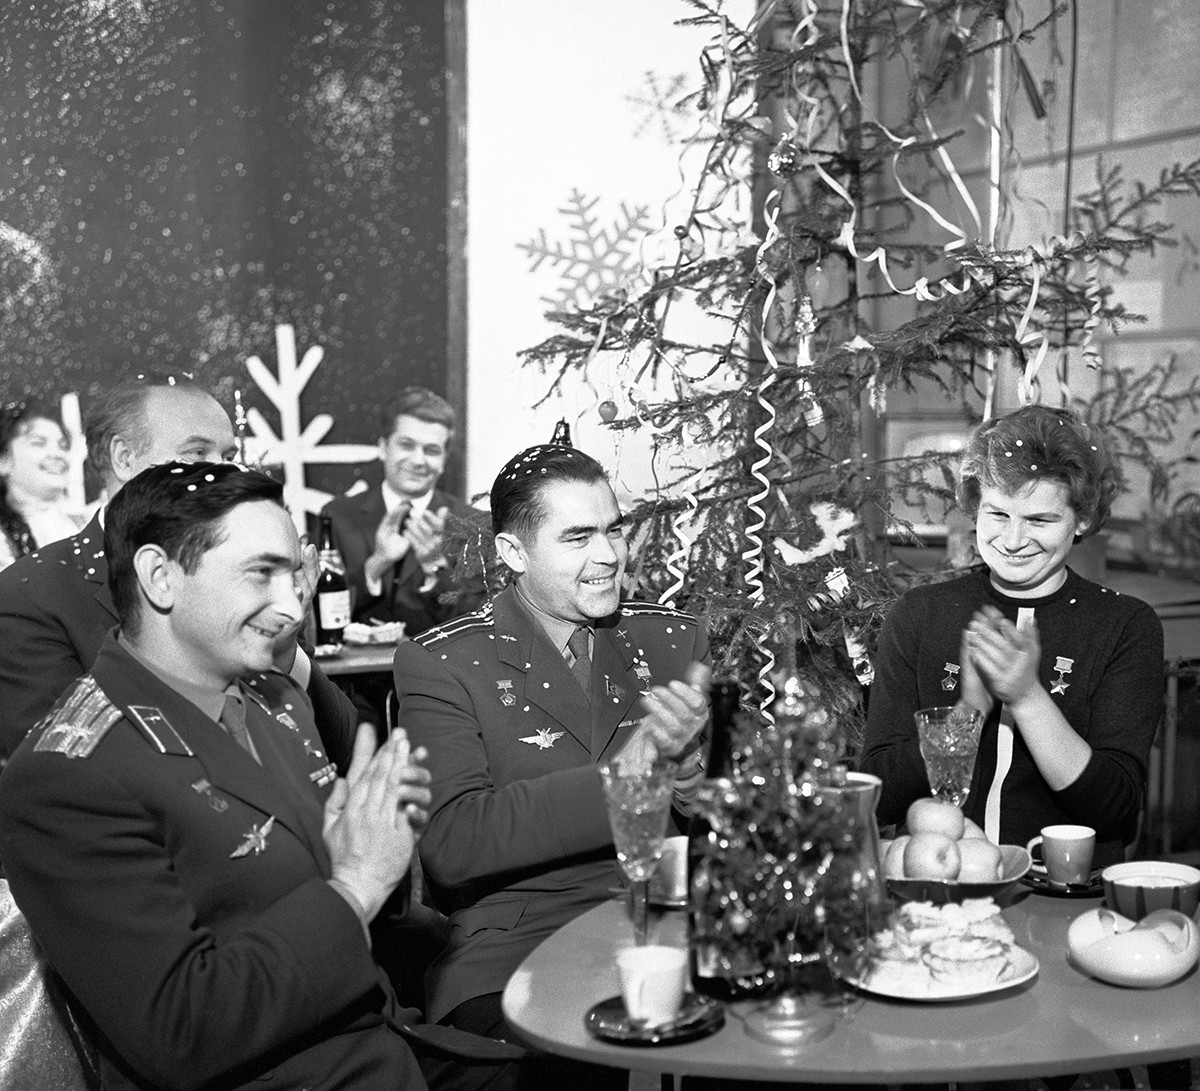 ソ連の宇宙飛行士たち(左側から)ヴァレリー・ブィコフスキー、アンドリアン・ニコラエフ、ワレンチナ・テレシコワは歌謡番組「青い灯」の撮影中